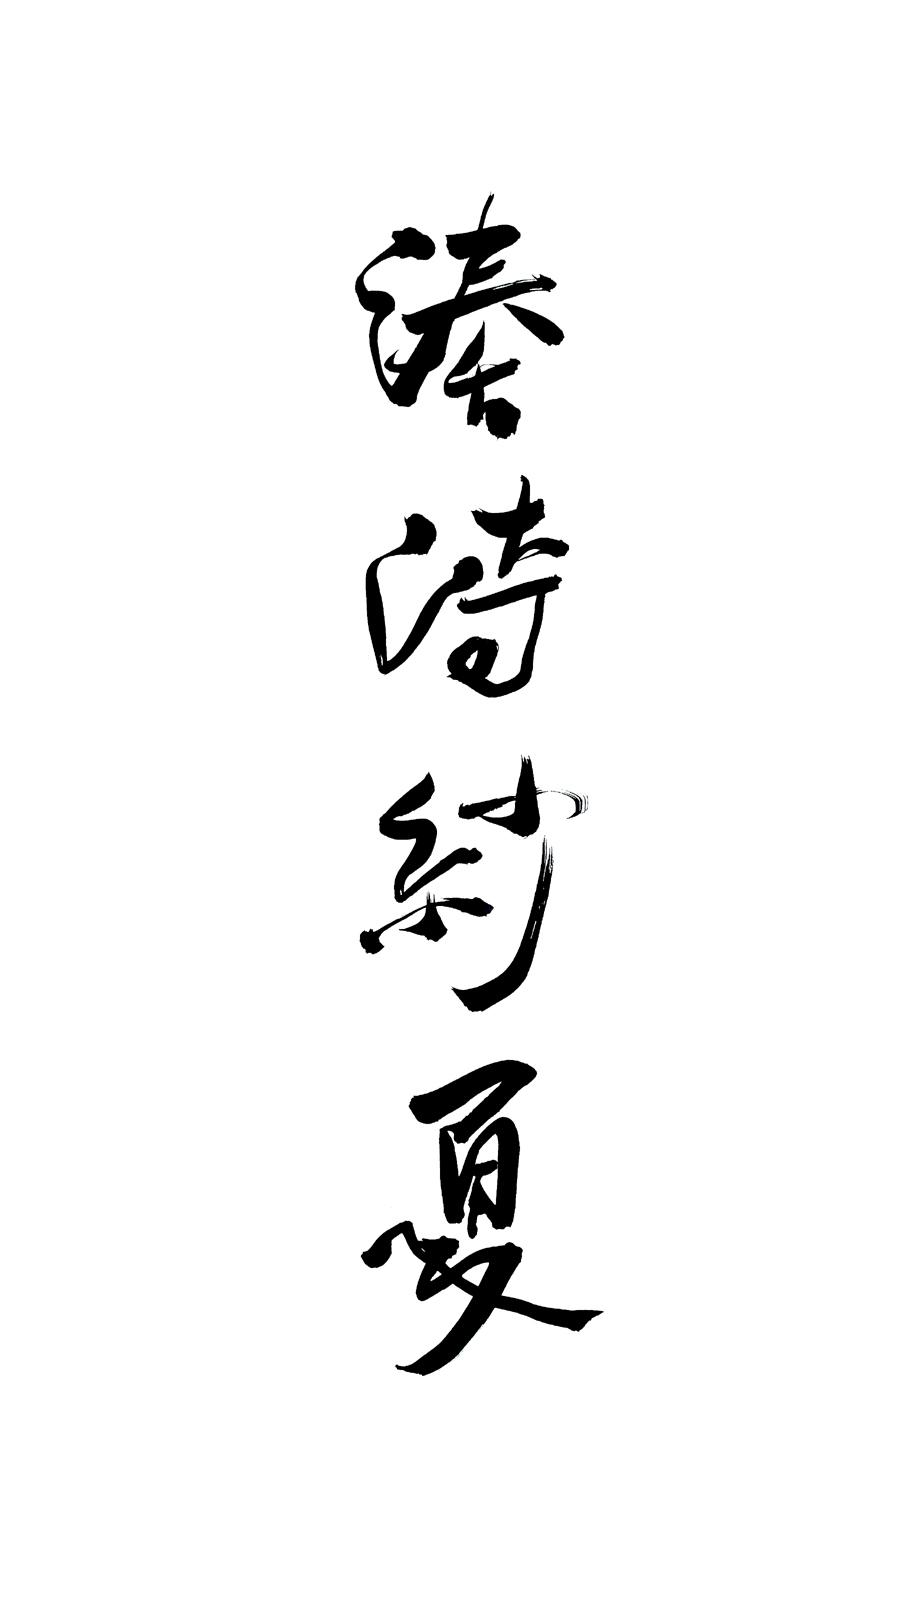 미나토자키 씨 팬아트(캘리그래피)